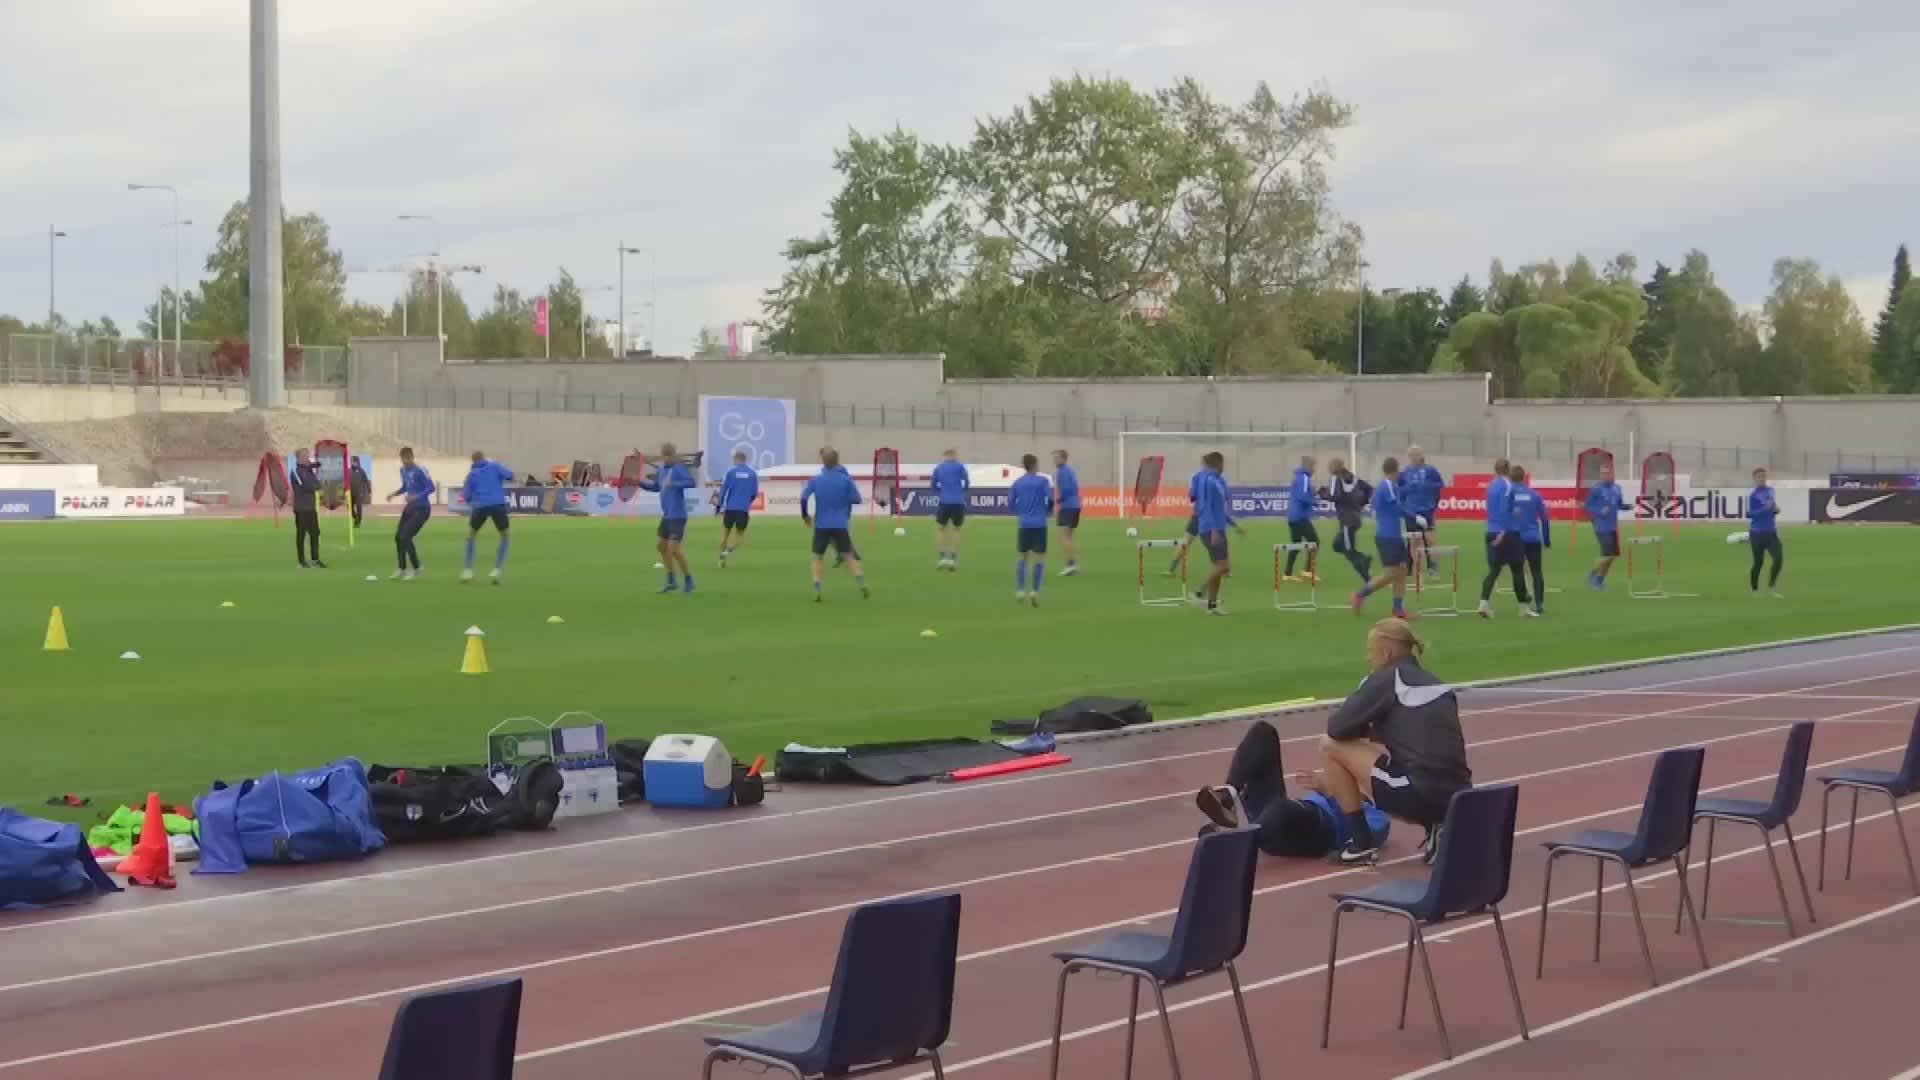 Päävalmentaja Juha Malinen ennakoi illan vastustaja Kroatian joukkuetta. Video: Paulus Markkula / Yle